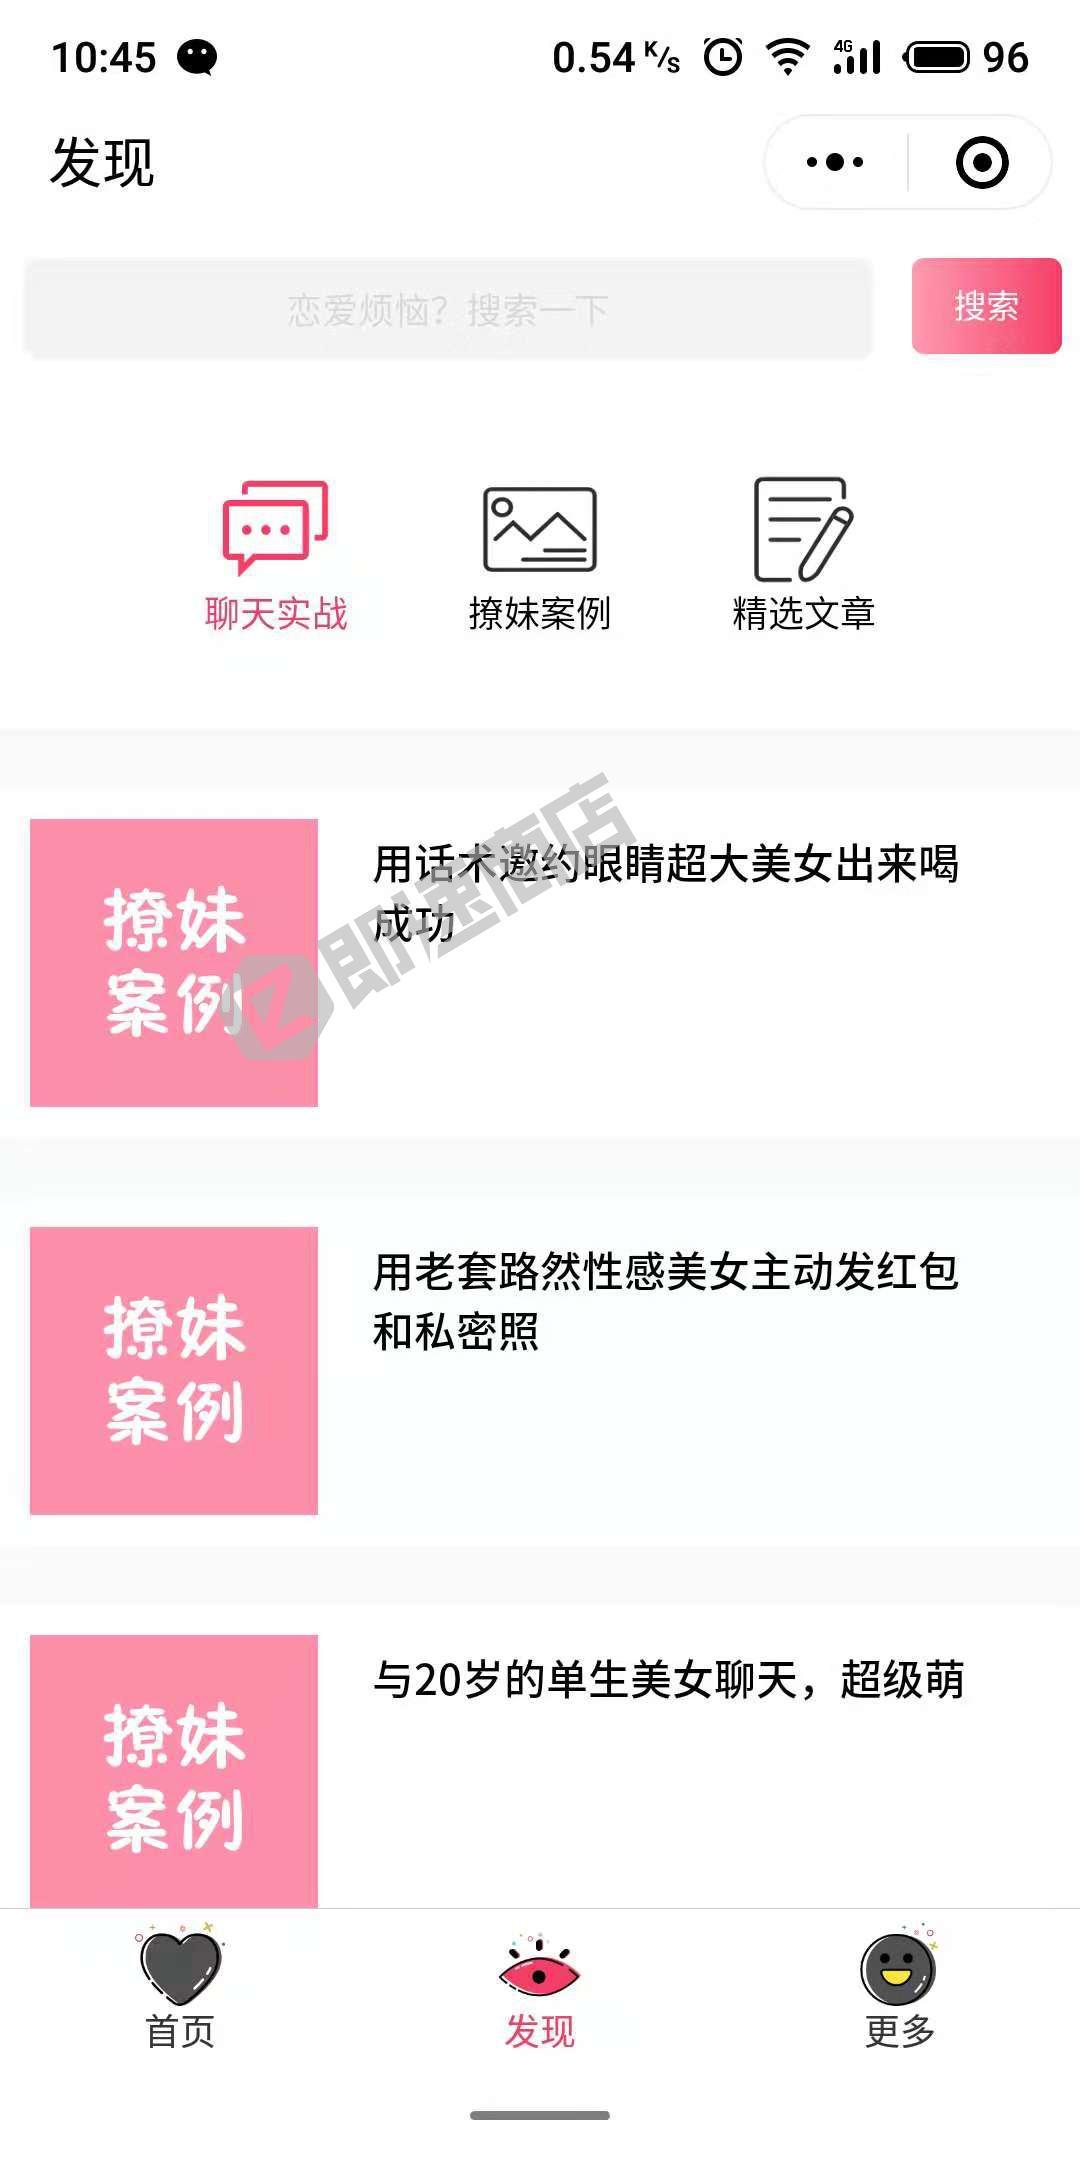 撩妹恋爱话术库小程序详情页截图